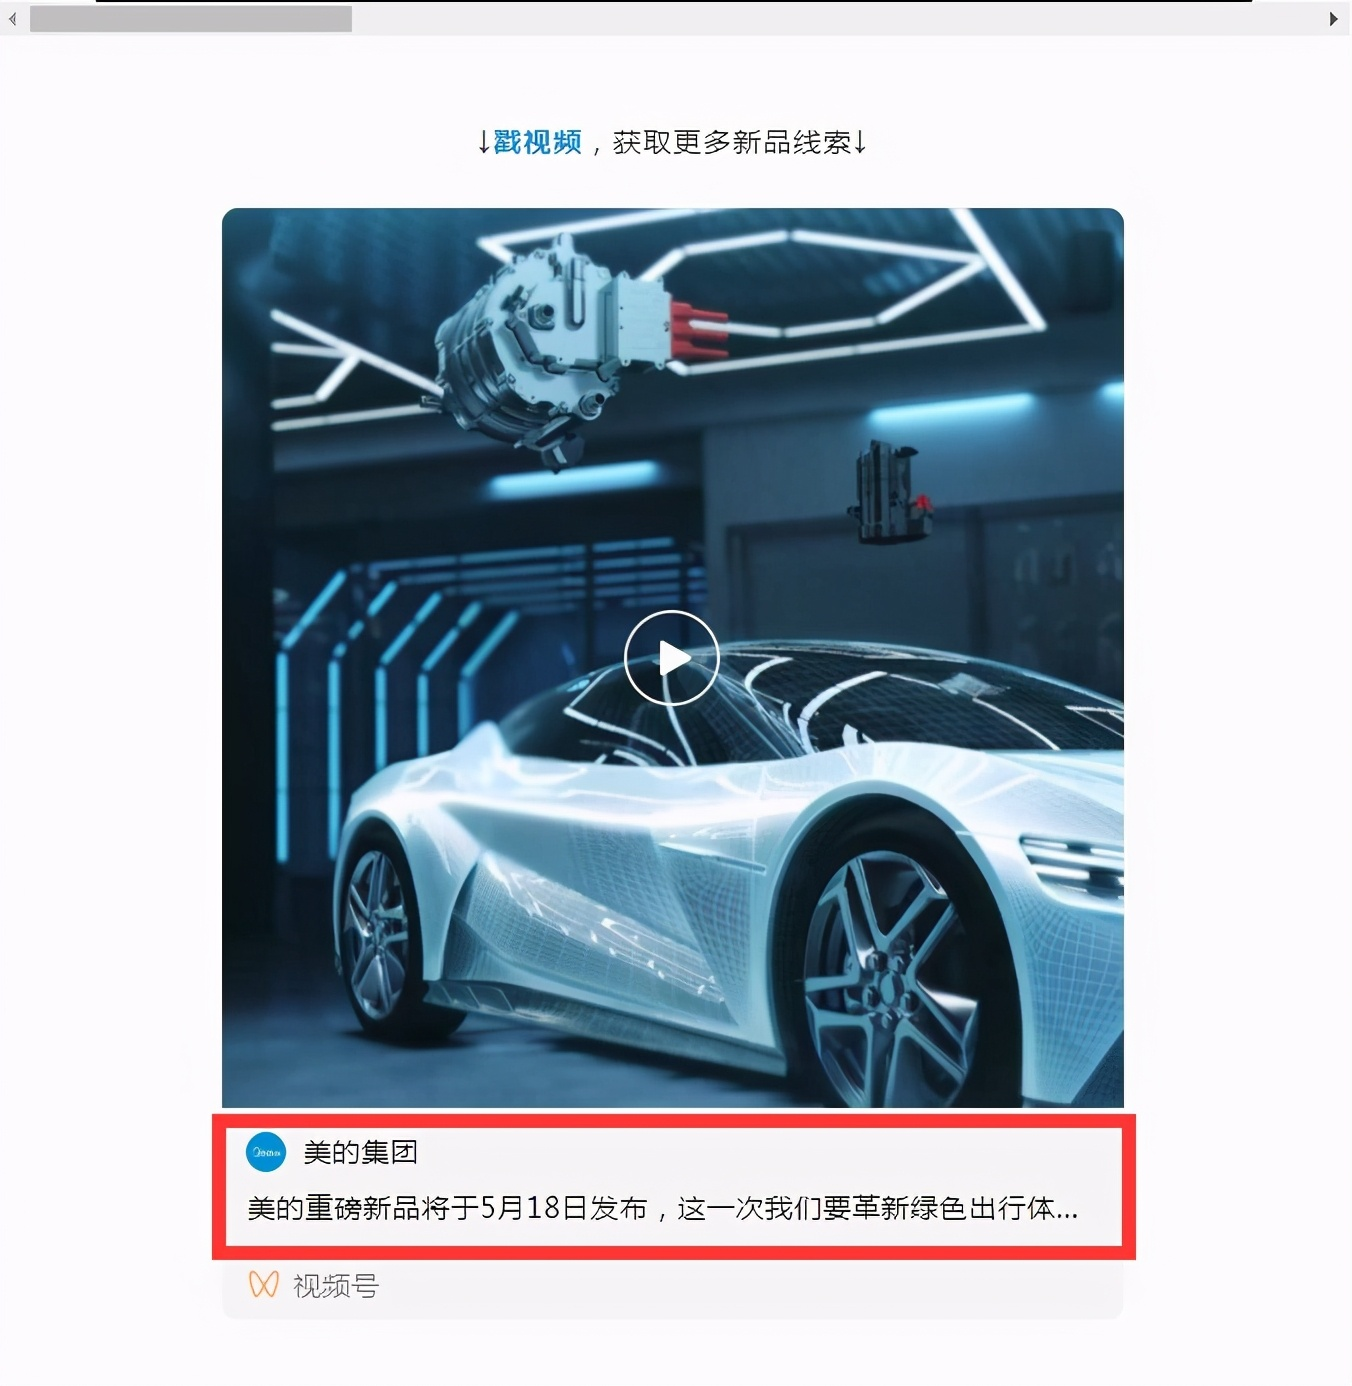 重磅官宣:美的集团新能源汽车新品将于5月18日发布